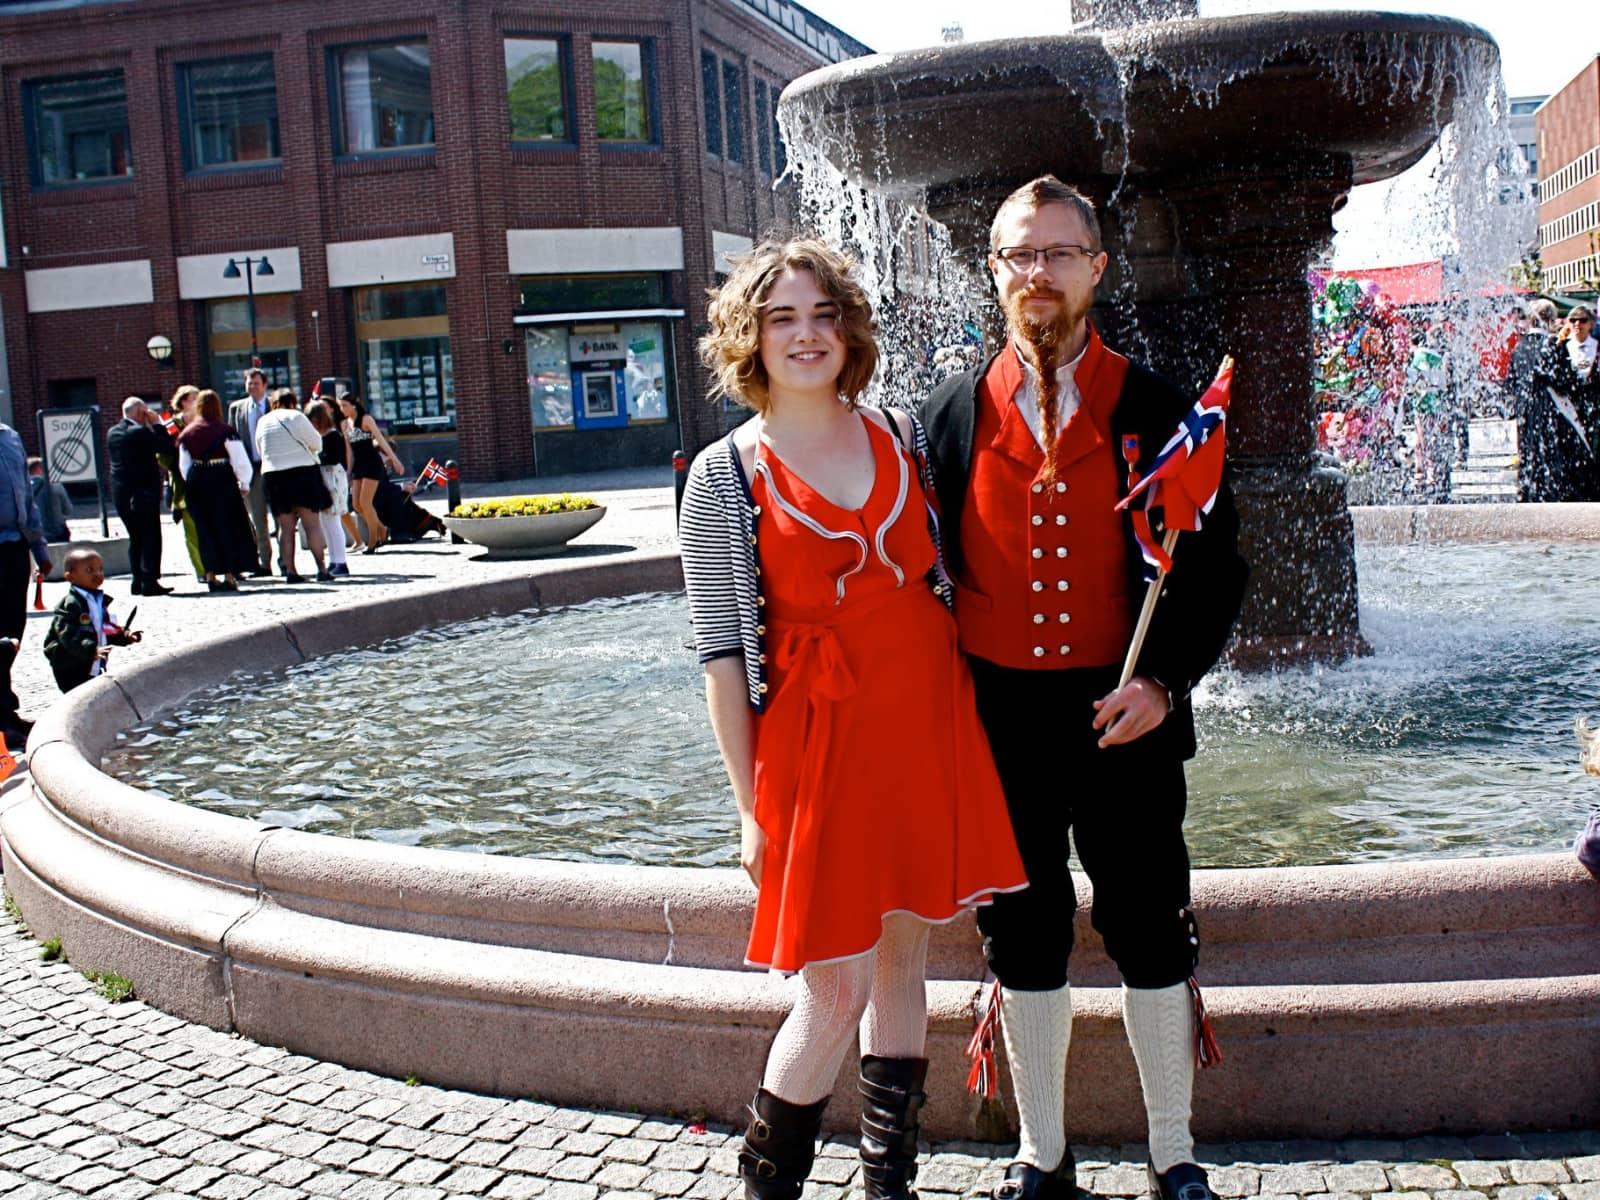 Casey & Øystein from Haugesund, Norway